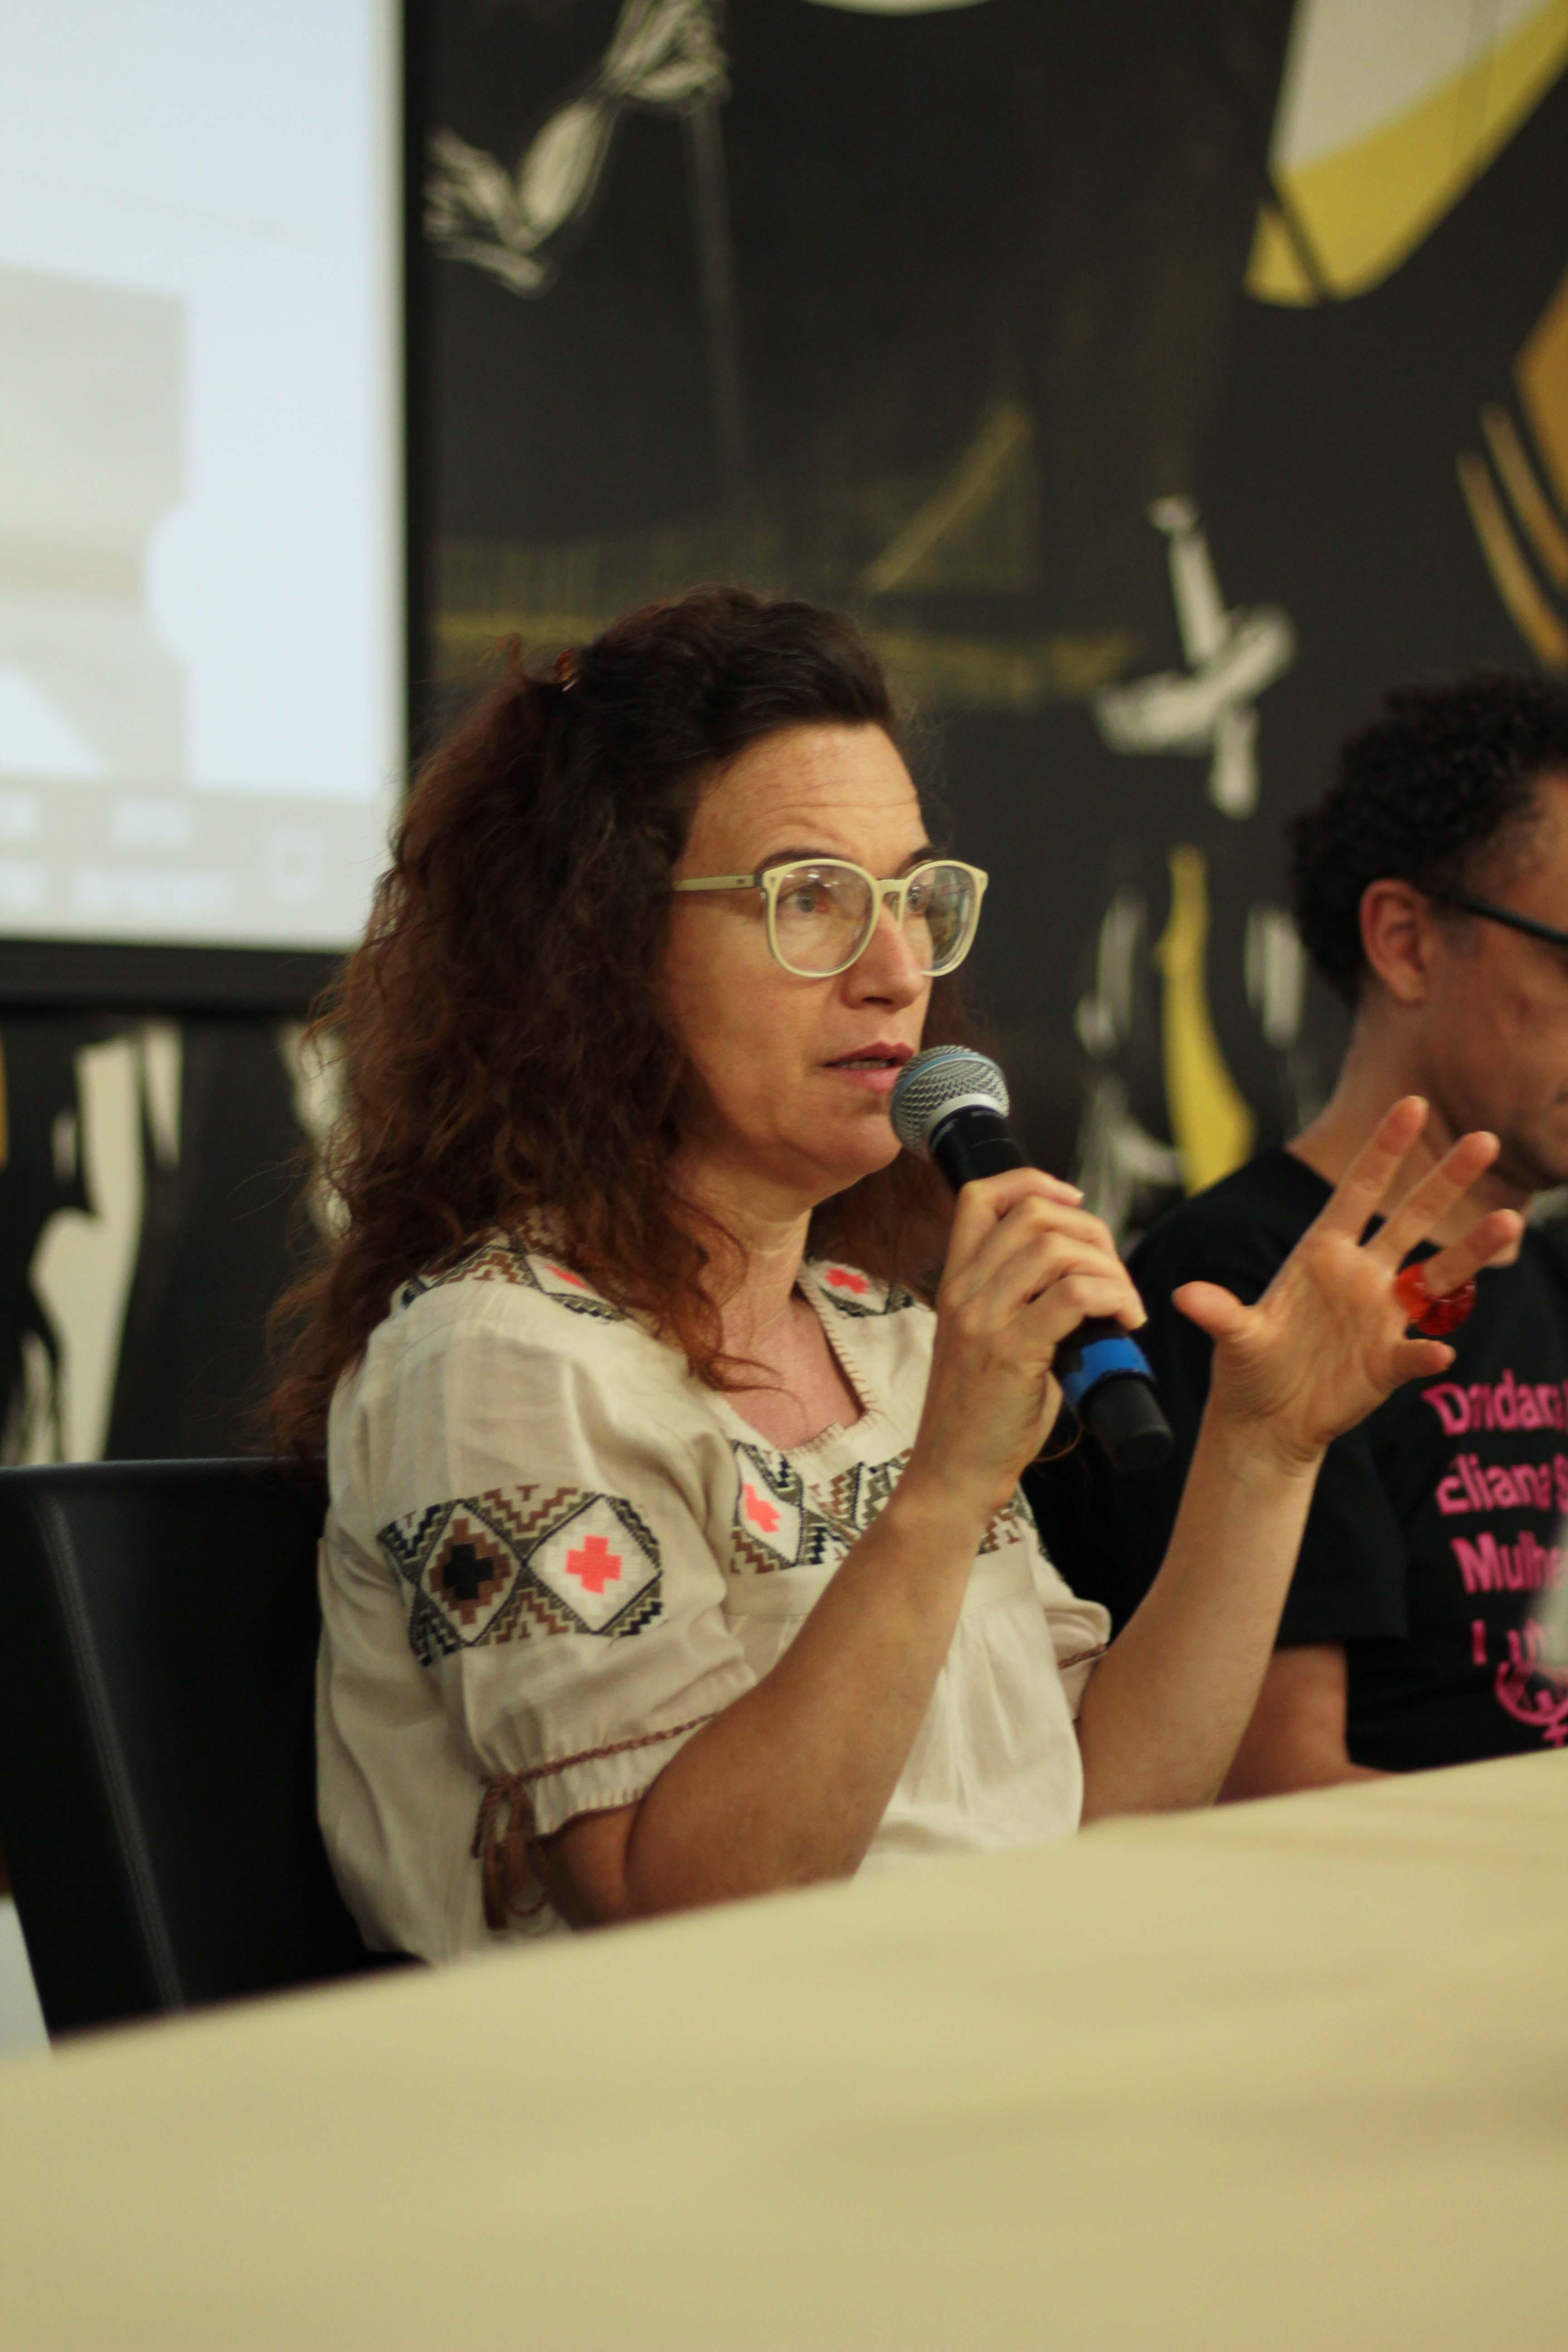 Professora Bya Braga Se Colocou Na Defesa De Um Campo De Produção E Transmissão De Saber. Foto: Gustavo Mazzetti